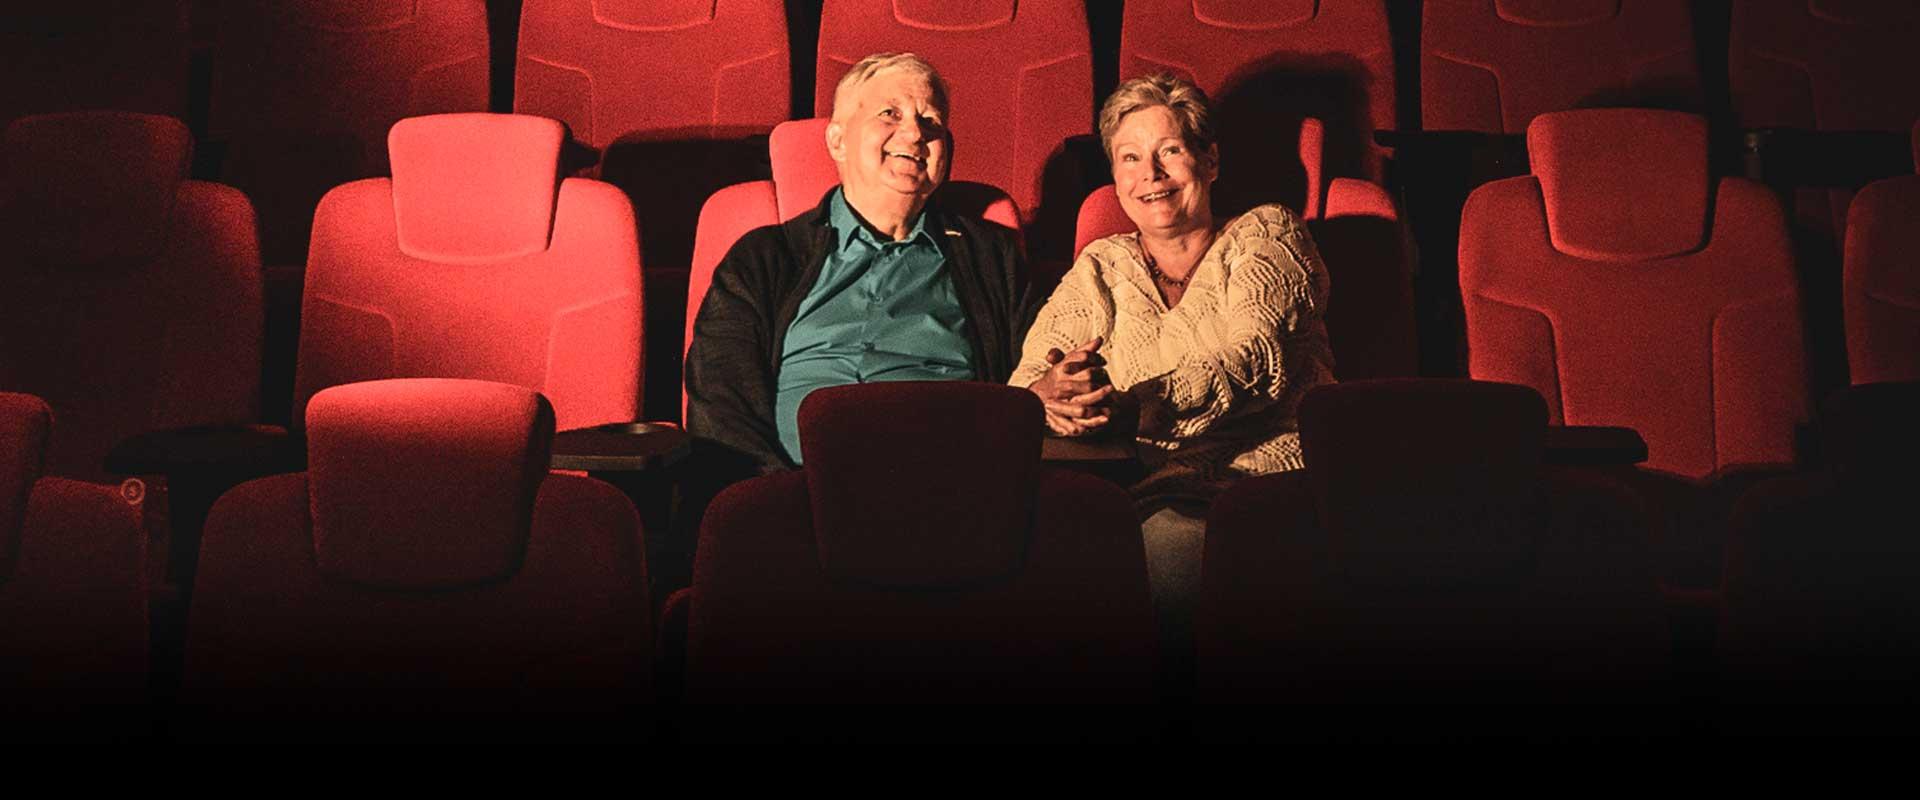 Tulevat elokuvat Suomen elokuvateattereissa